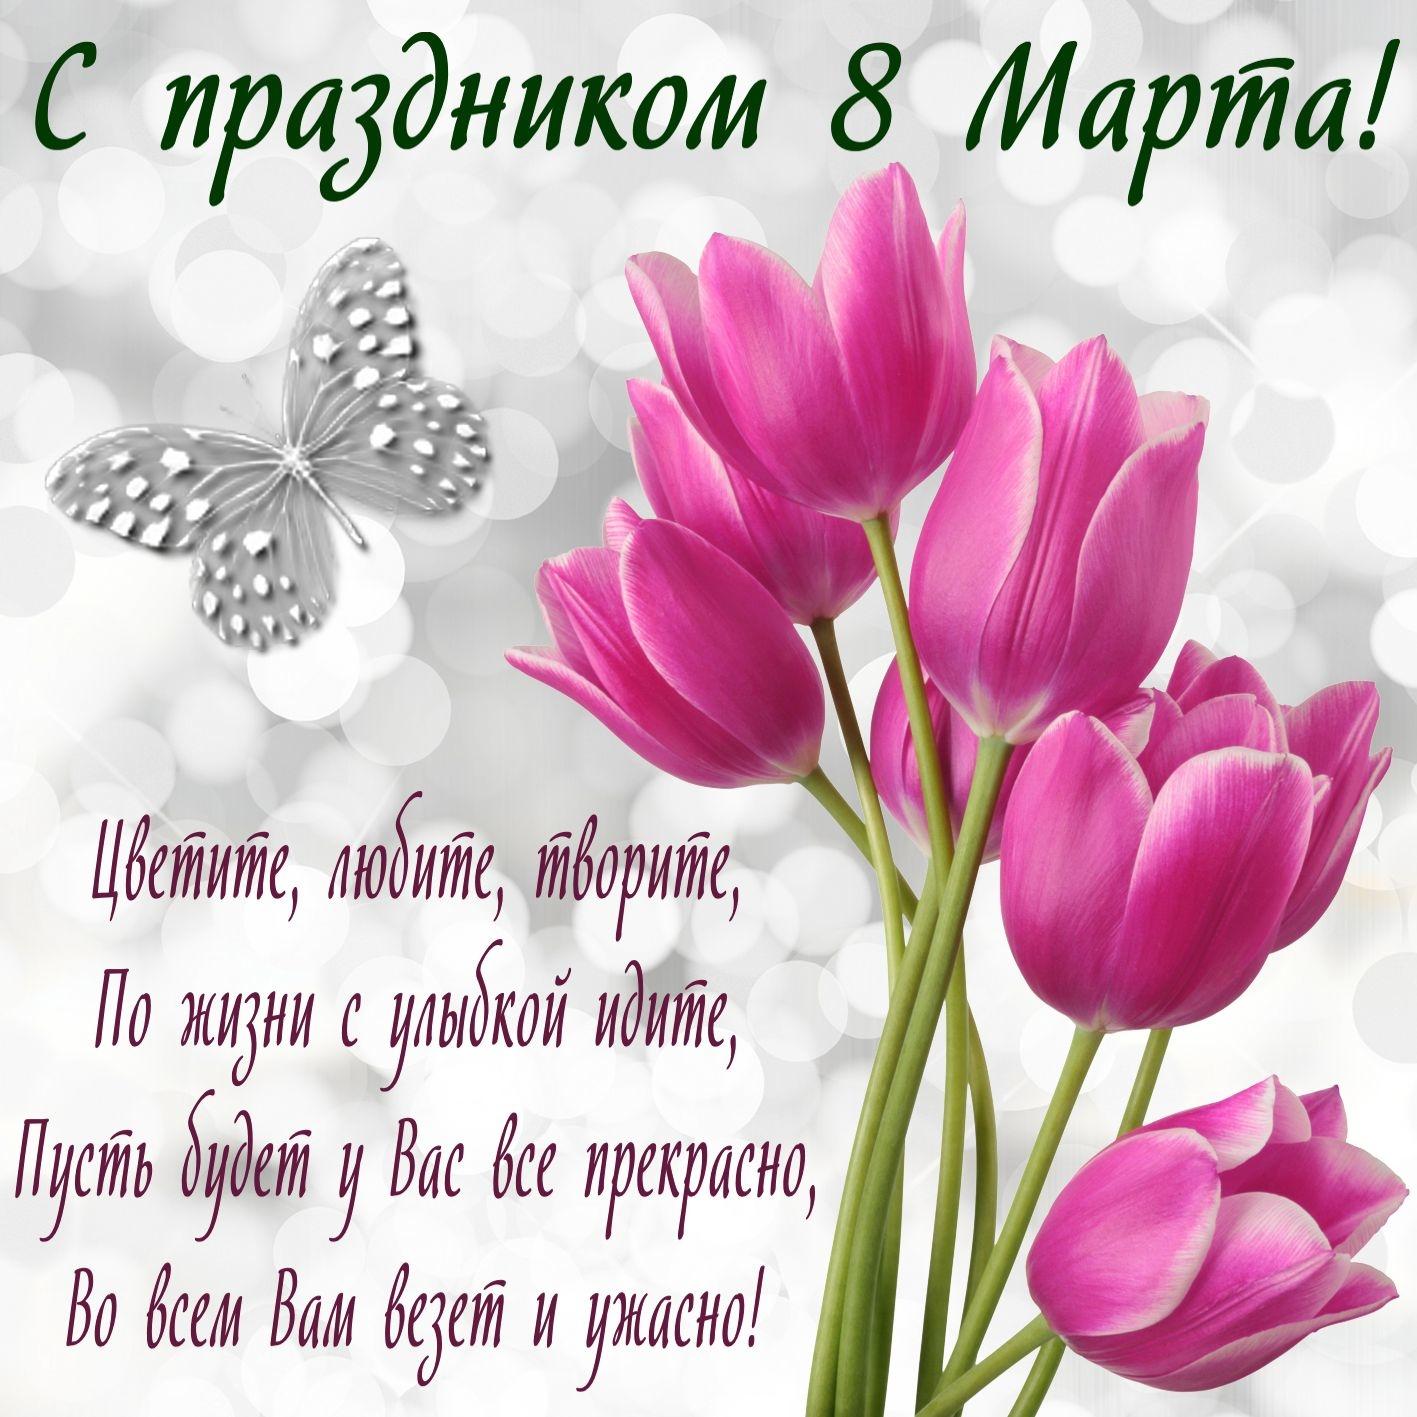 Поздравление софье на 8 марта